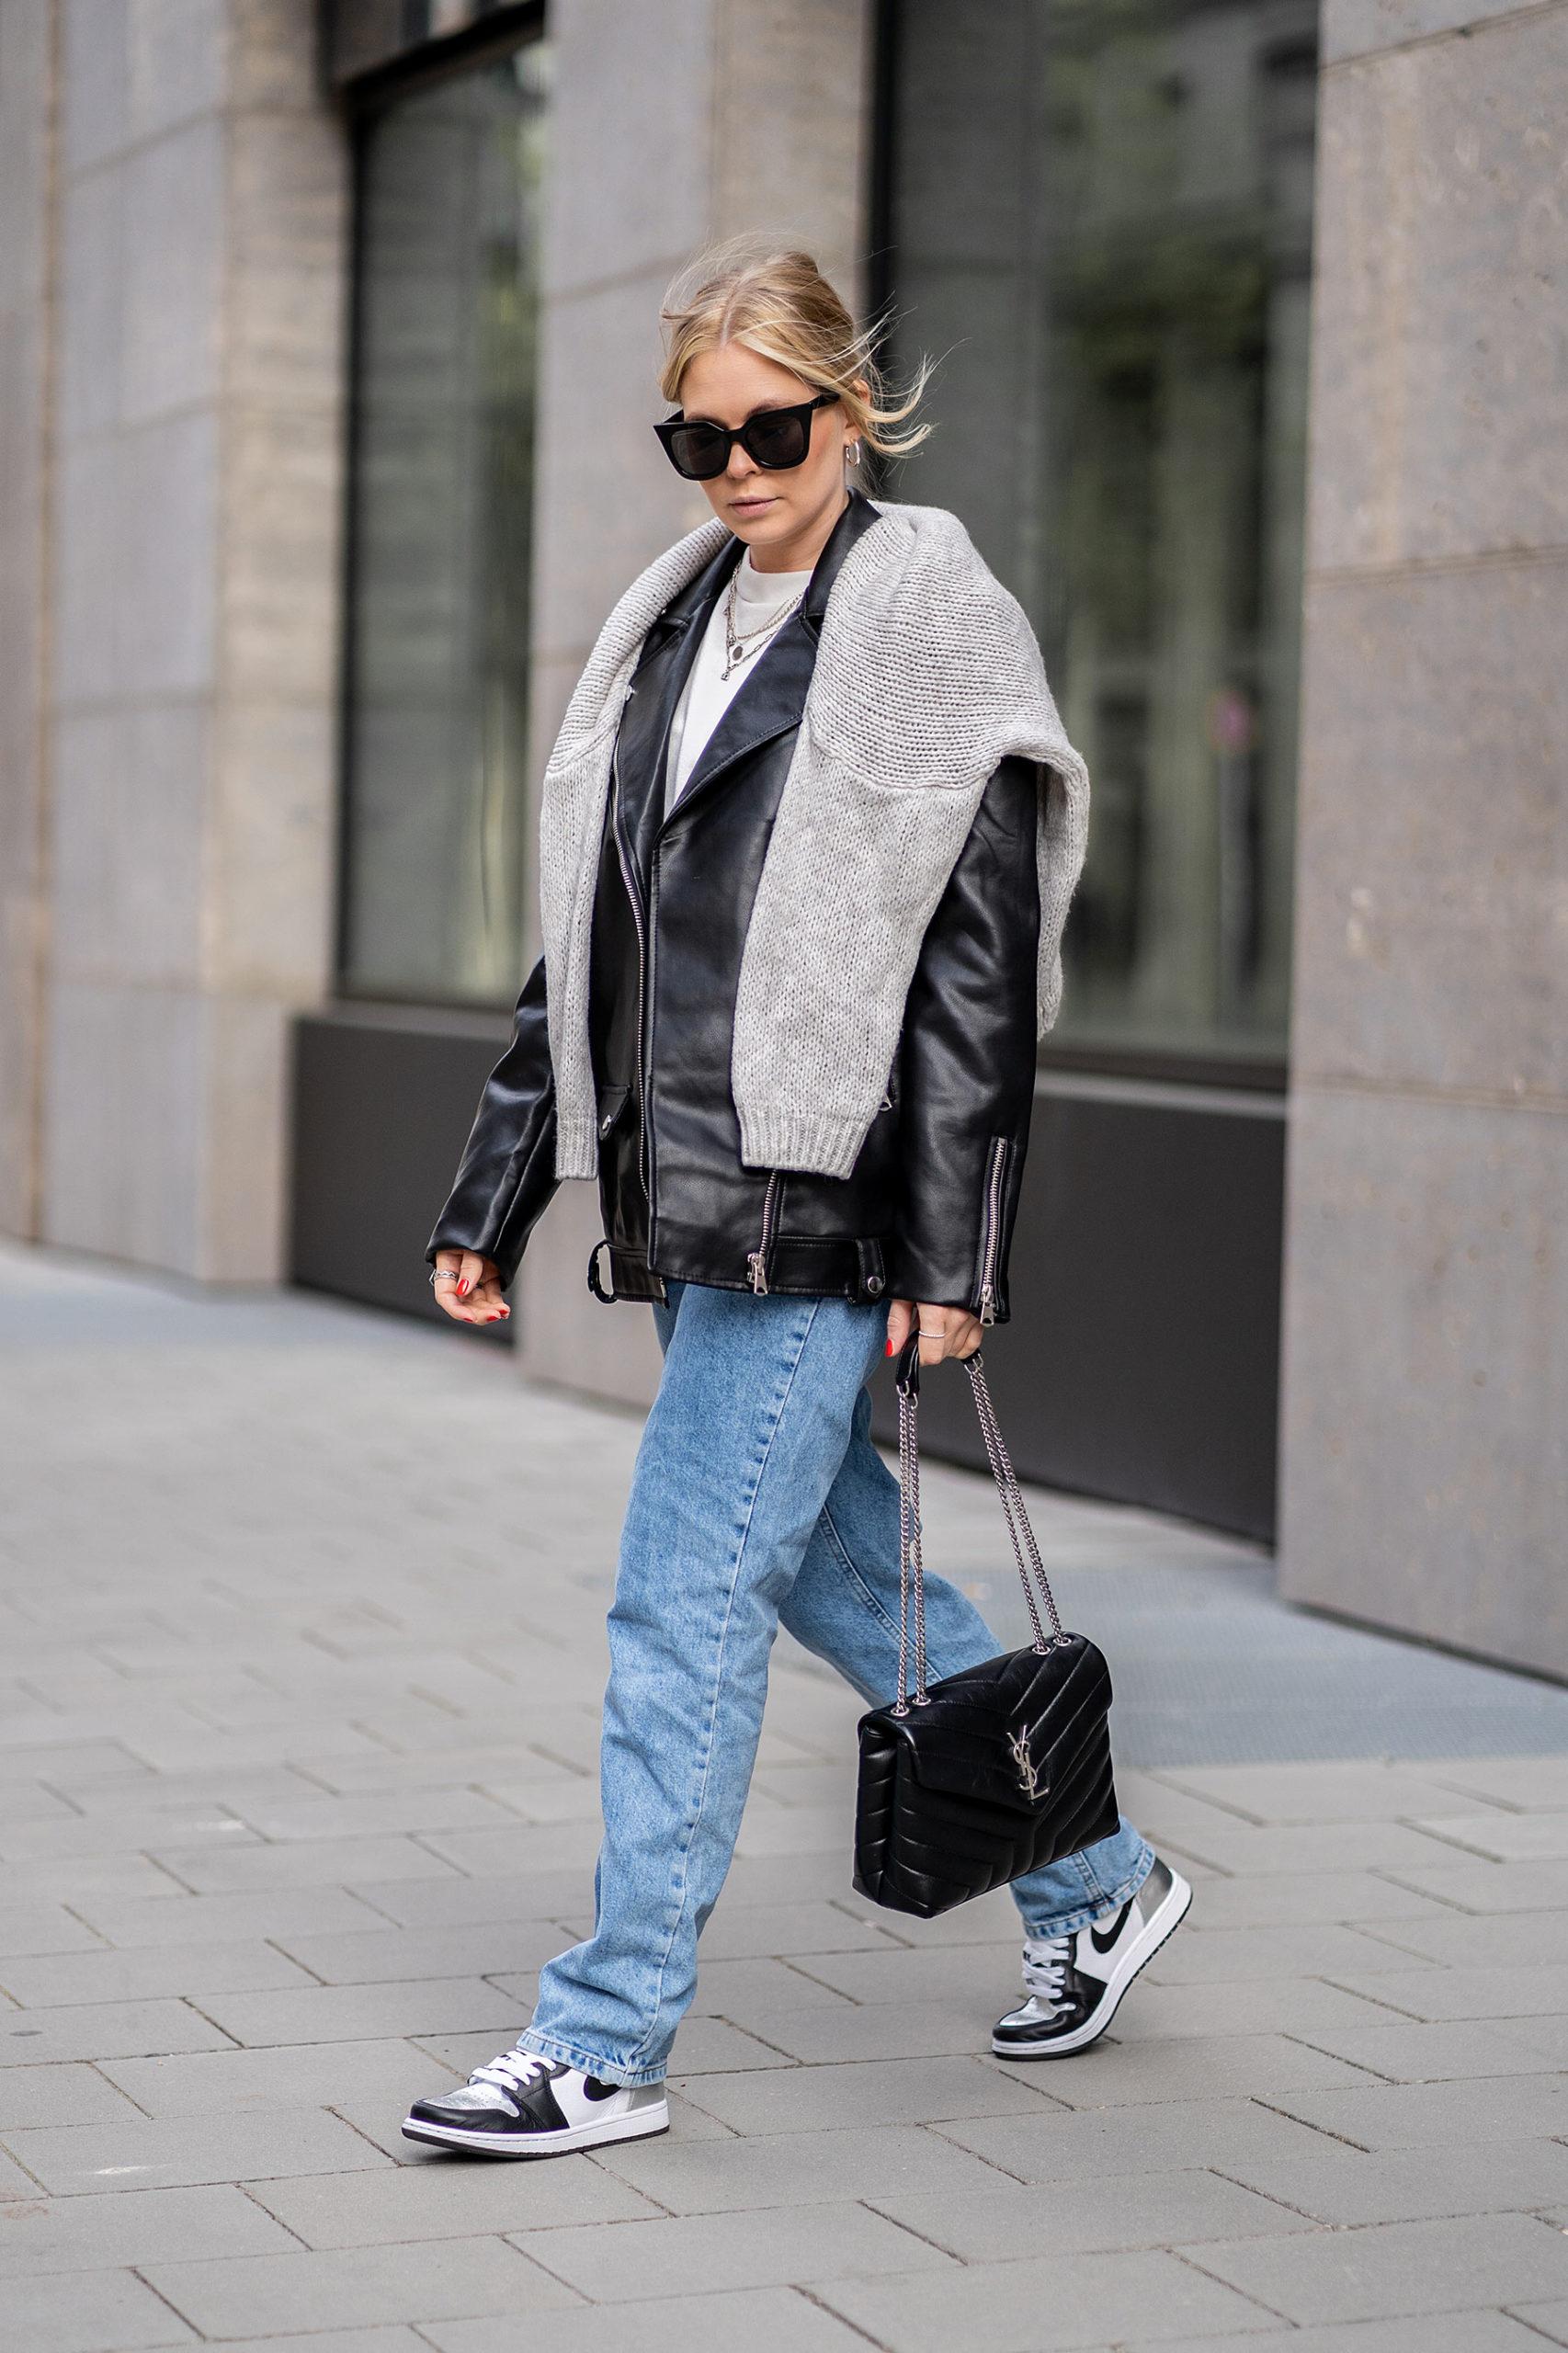 streetstyle düsseldorf outfit fashion blogger lederjacke inga brauer